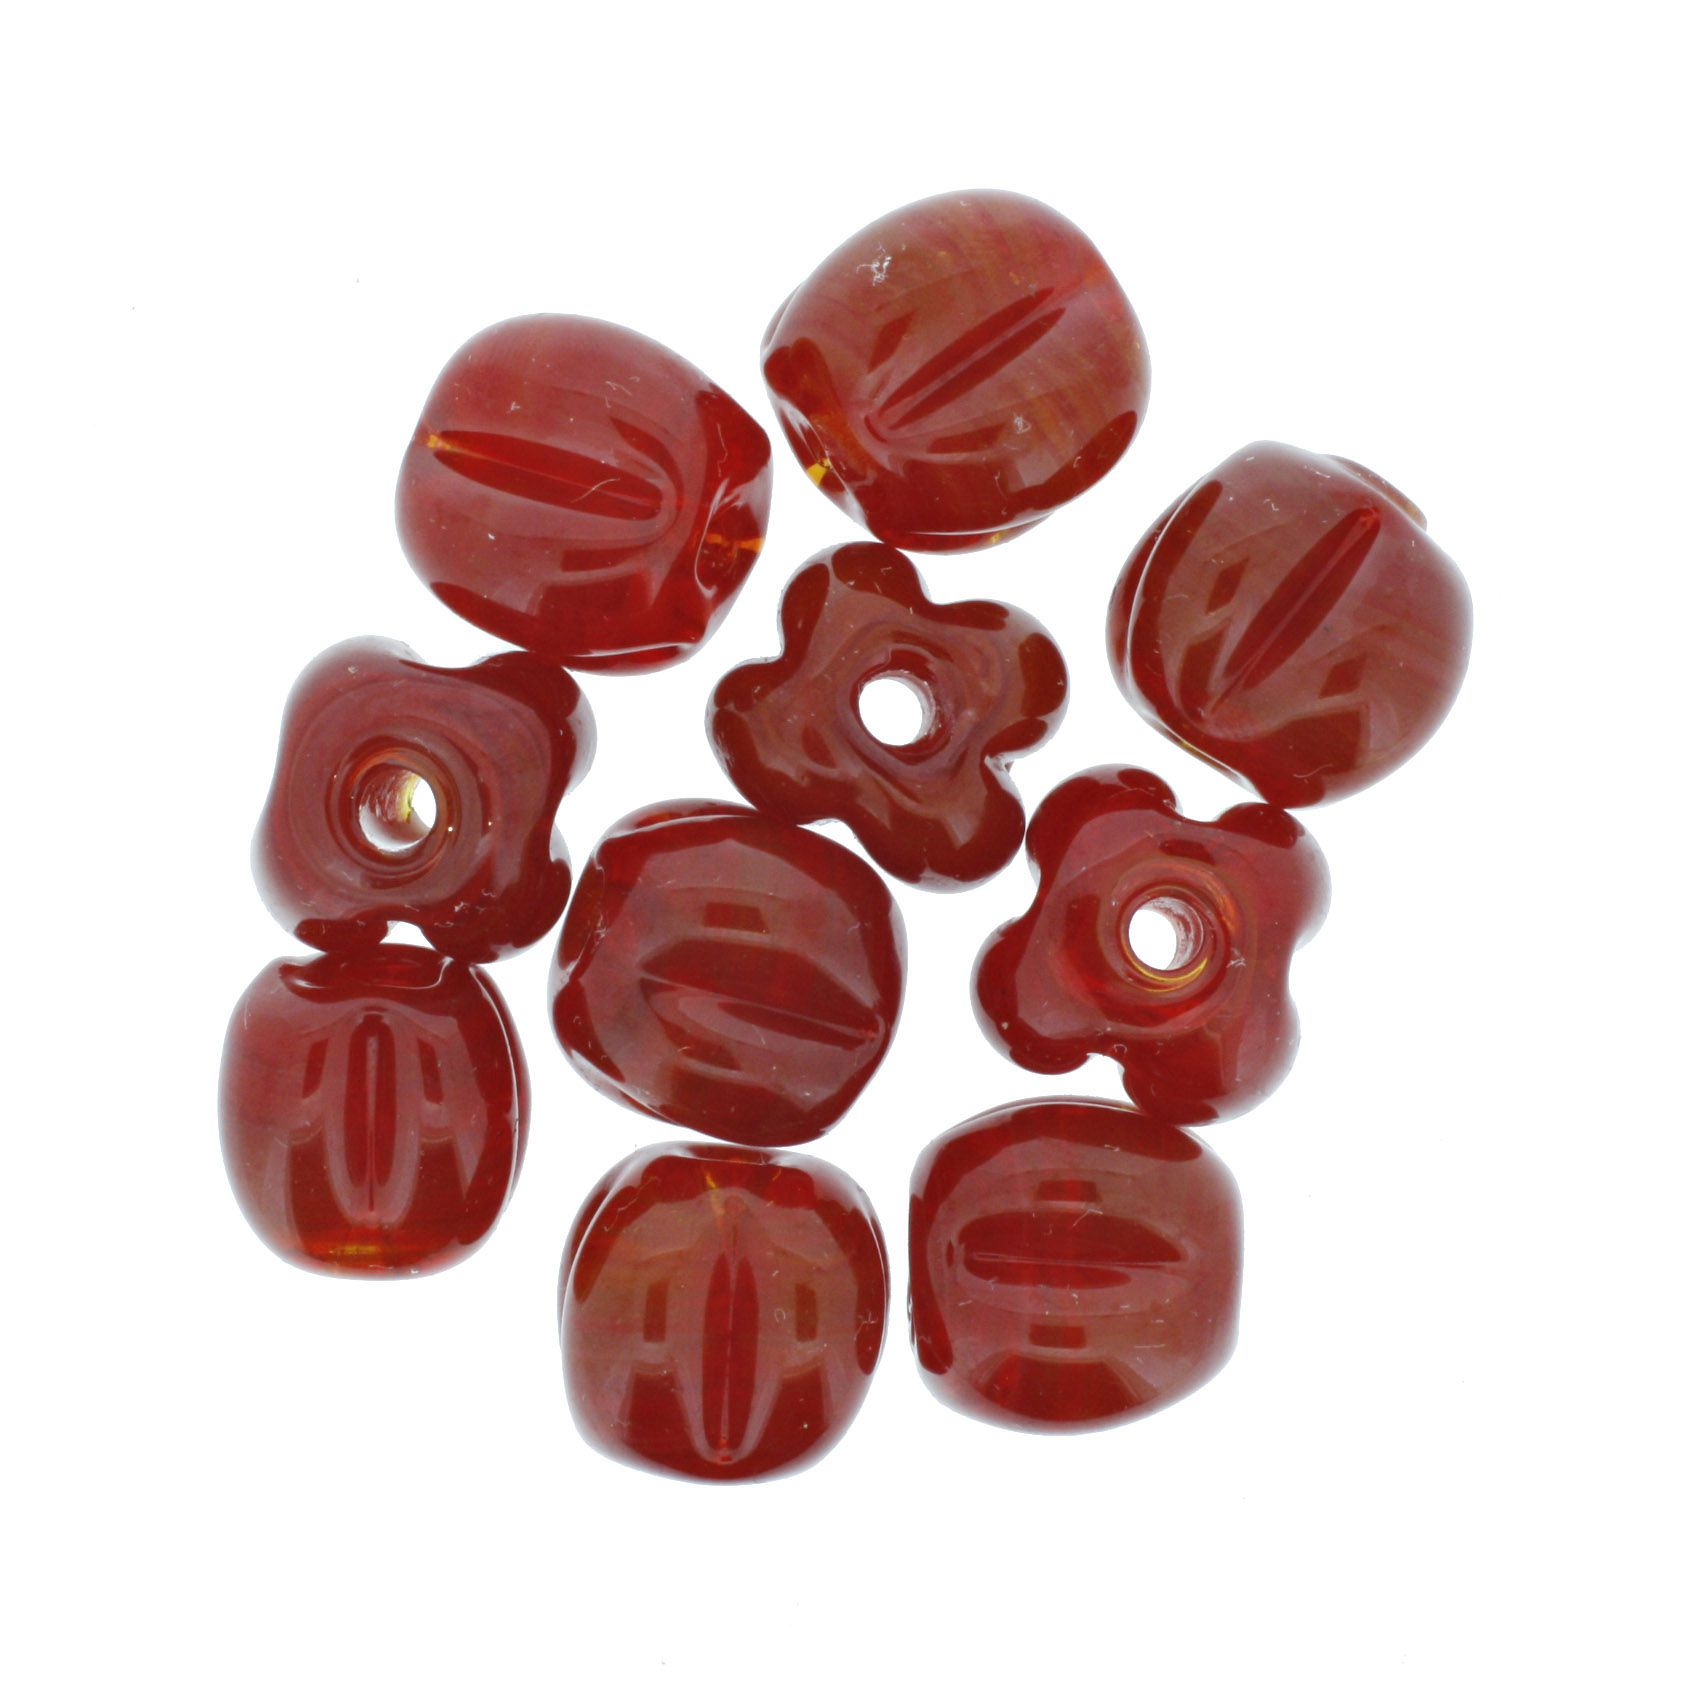 Firma Pitanga - Vermelha Transparente  - Stéphanie Bijoux® - Peças para Bijuterias e Artesanato